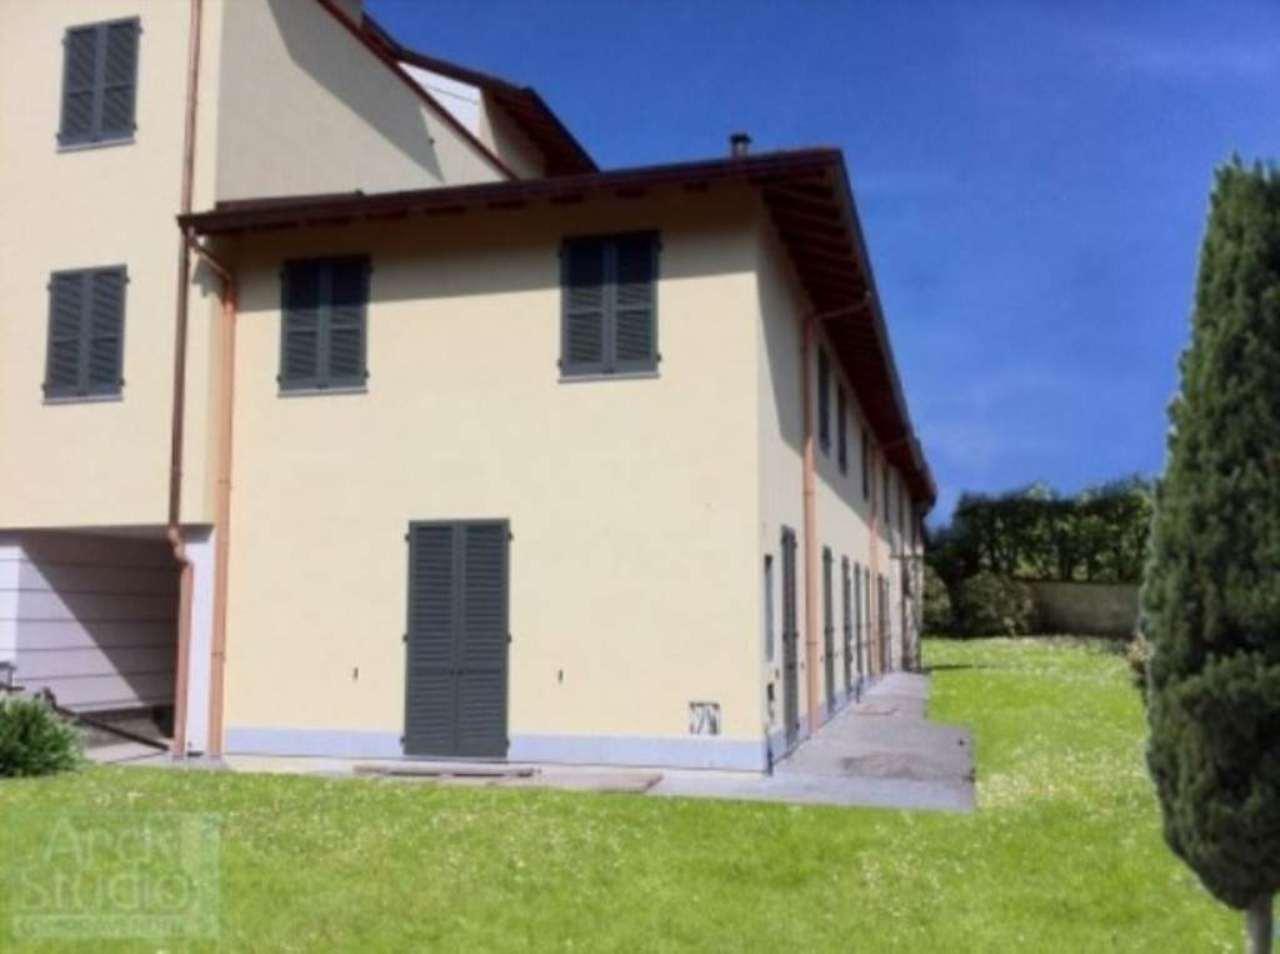 Villa in vendita a Inzago, 4 locali, prezzo € 403.655 | Cambio Casa.it